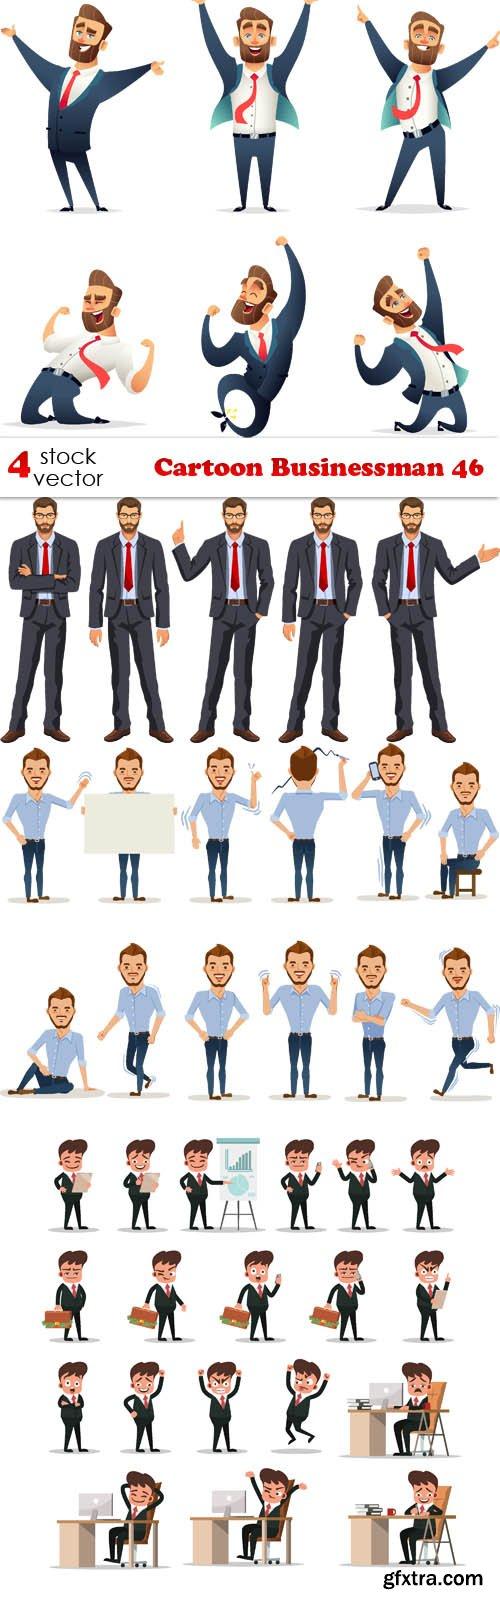 Vectors - Cartoon Businessman 46